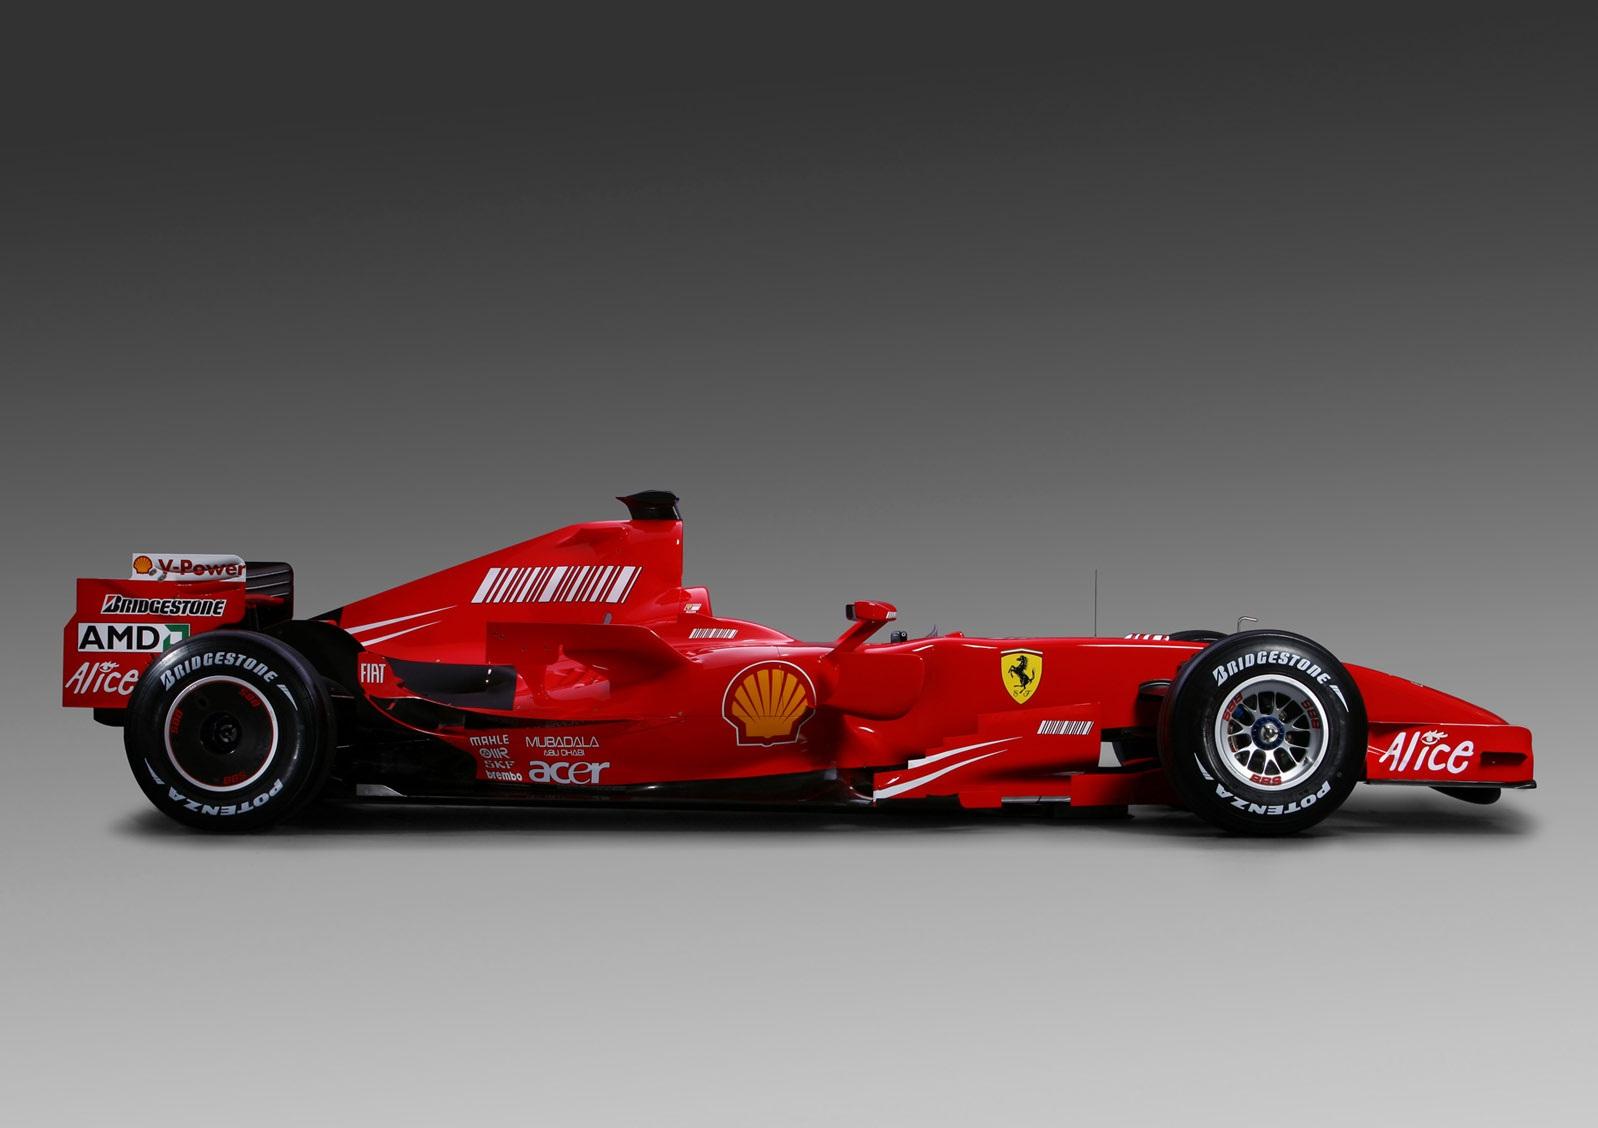 http://1.bp.blogspot.com/-UjGALAzl9WI/TcaValo1b0I/AAAAAAAAAOc/XCknb7HHAwc/s1600/Ferrari_612_240_1600x1200.jpg